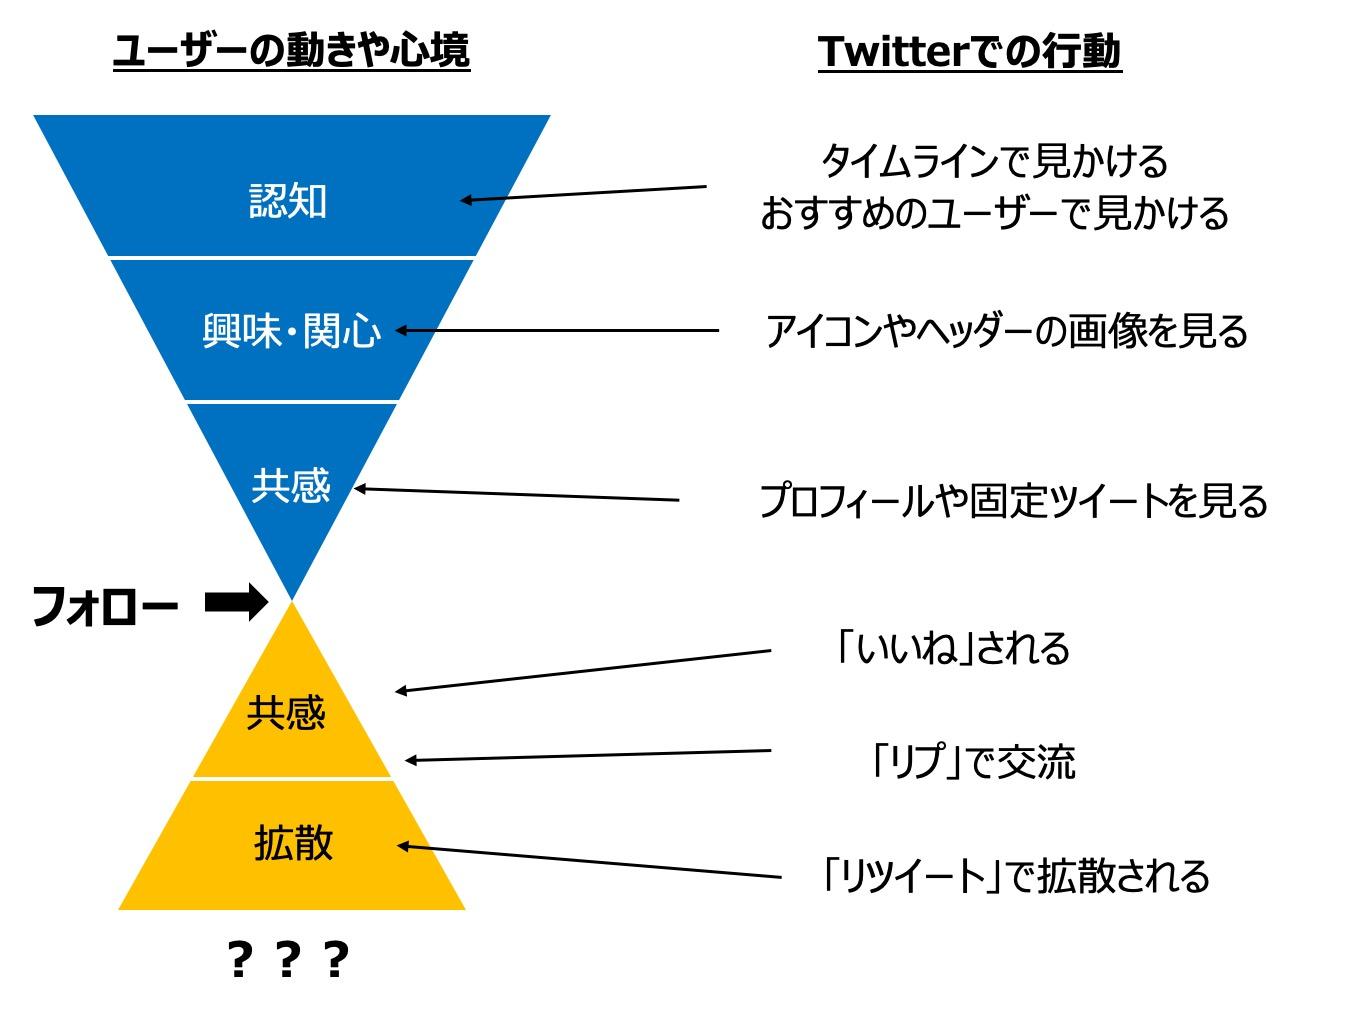 Twitterのフォロワーが増える仕組み|ファネル